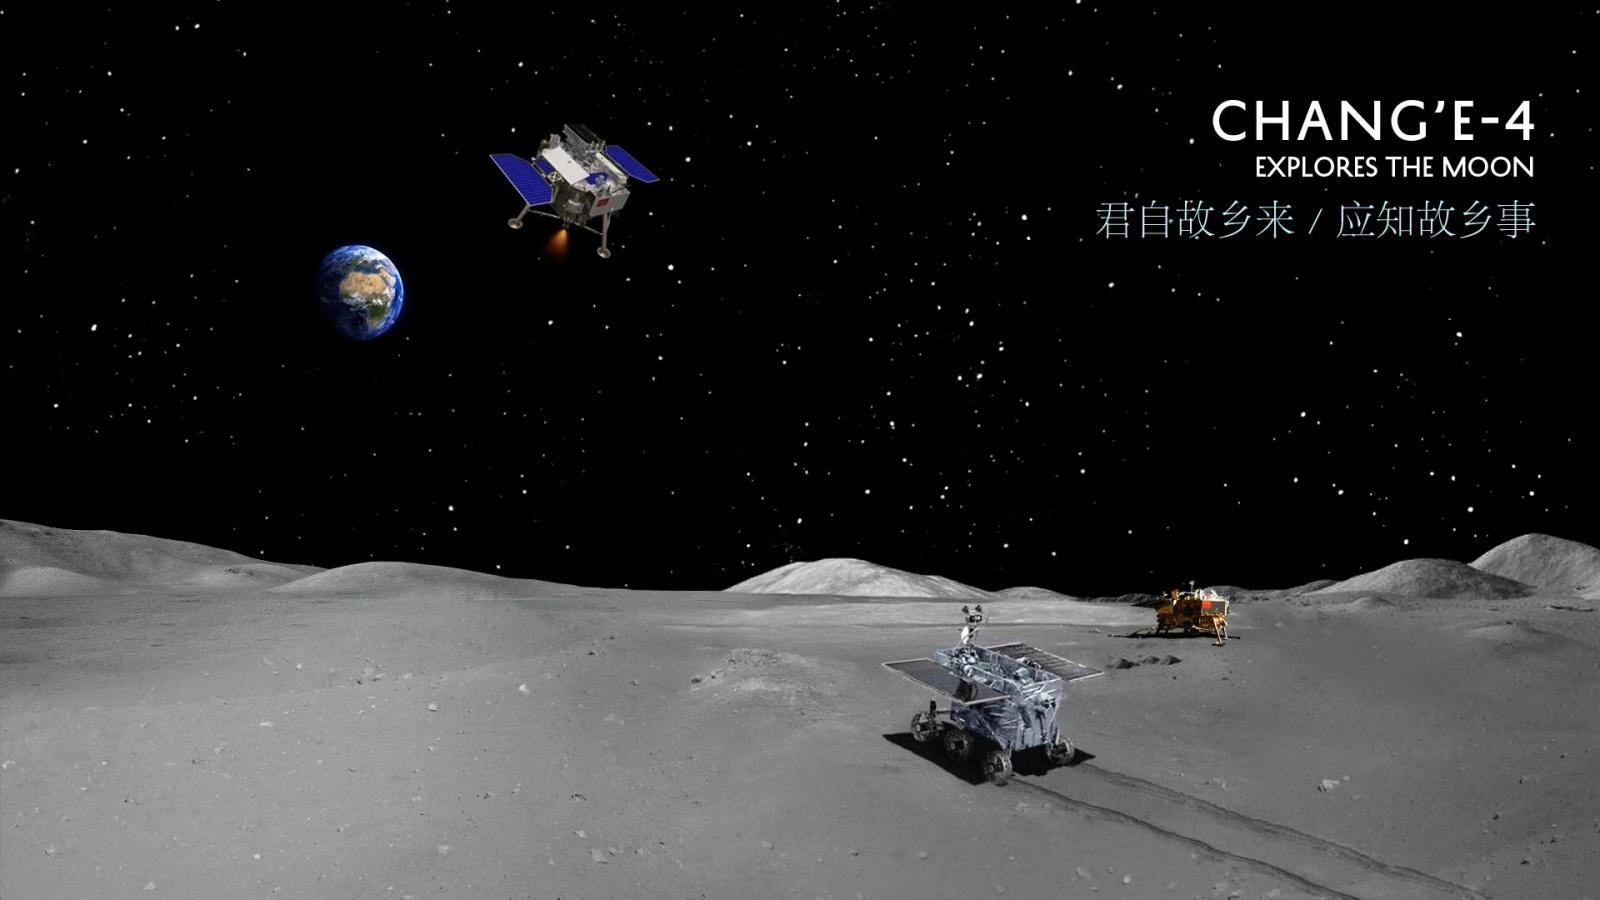 Интересные факты об истории Китайской лунной программы и космической миссии «Чанъэ-4» - 2